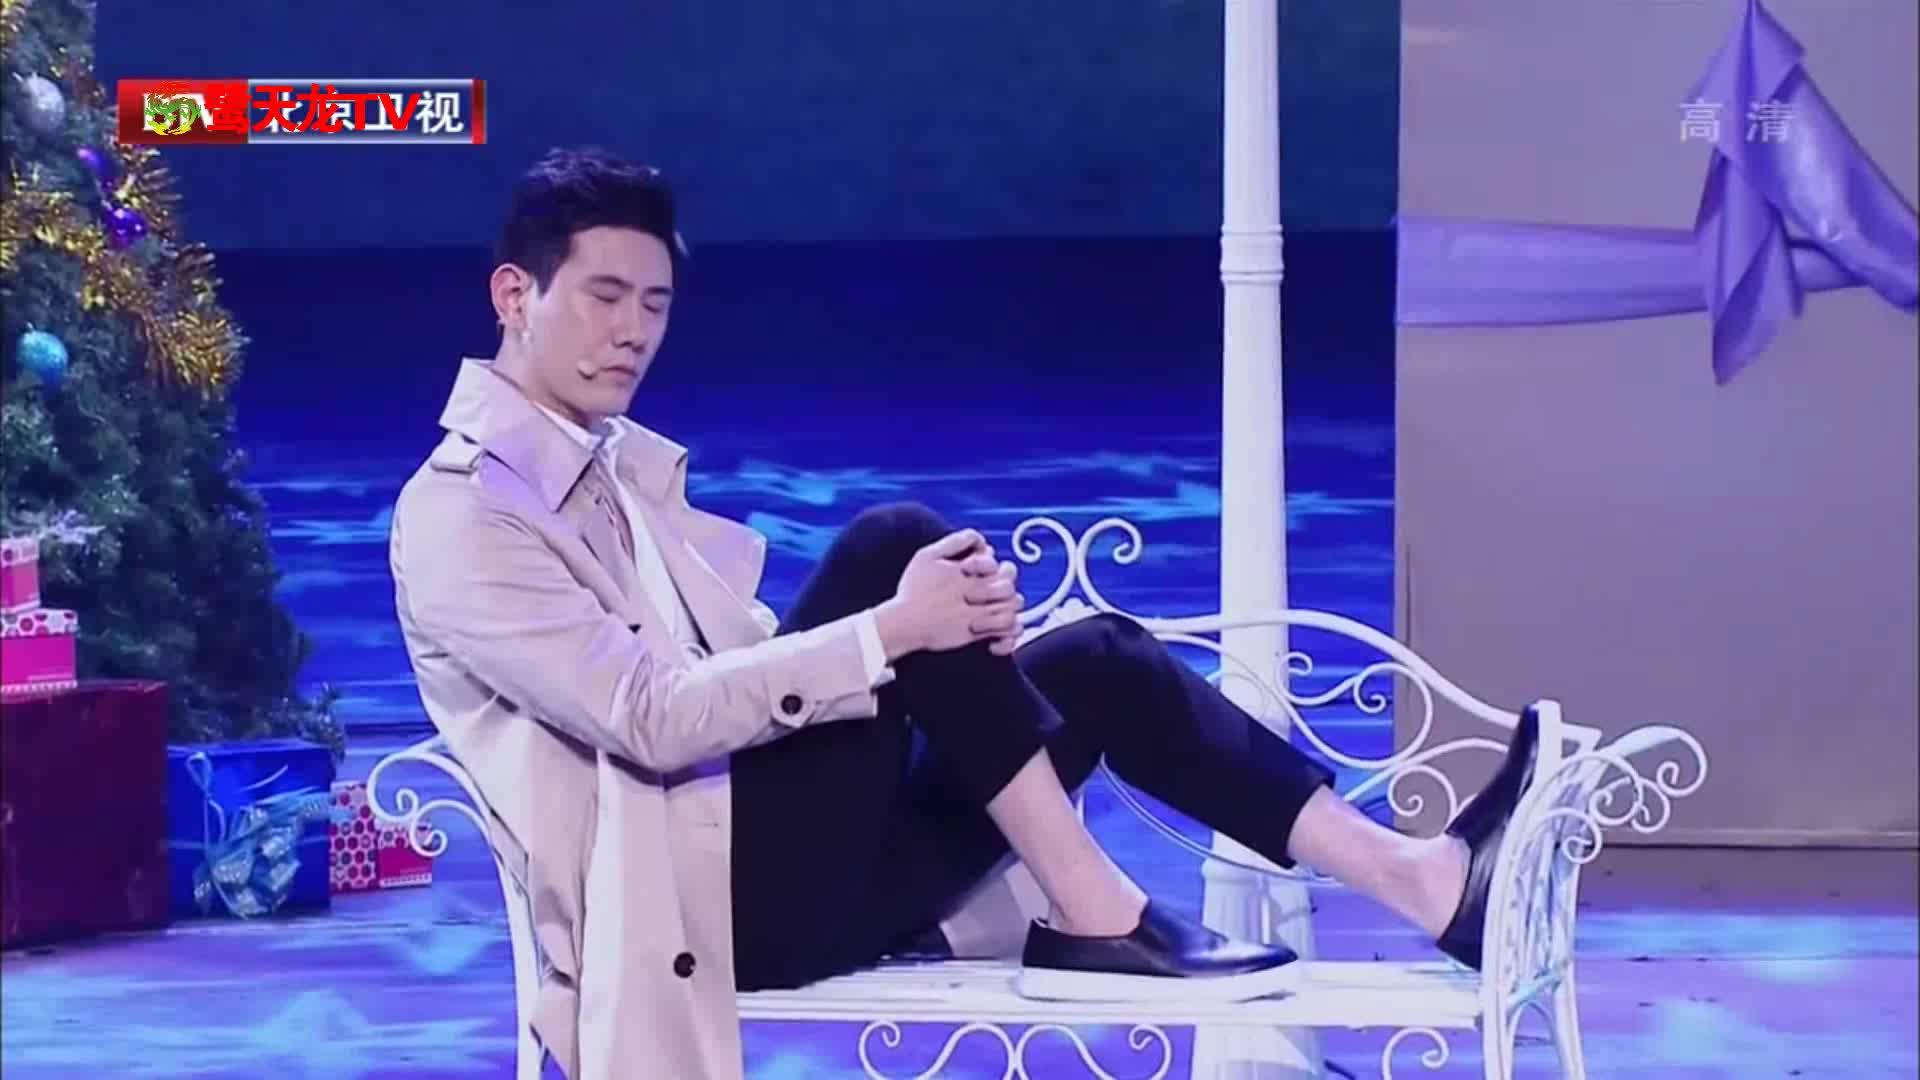 蔡宜达改编陈奕迅悲伤情歌《圣诞结》帅气指数飙升